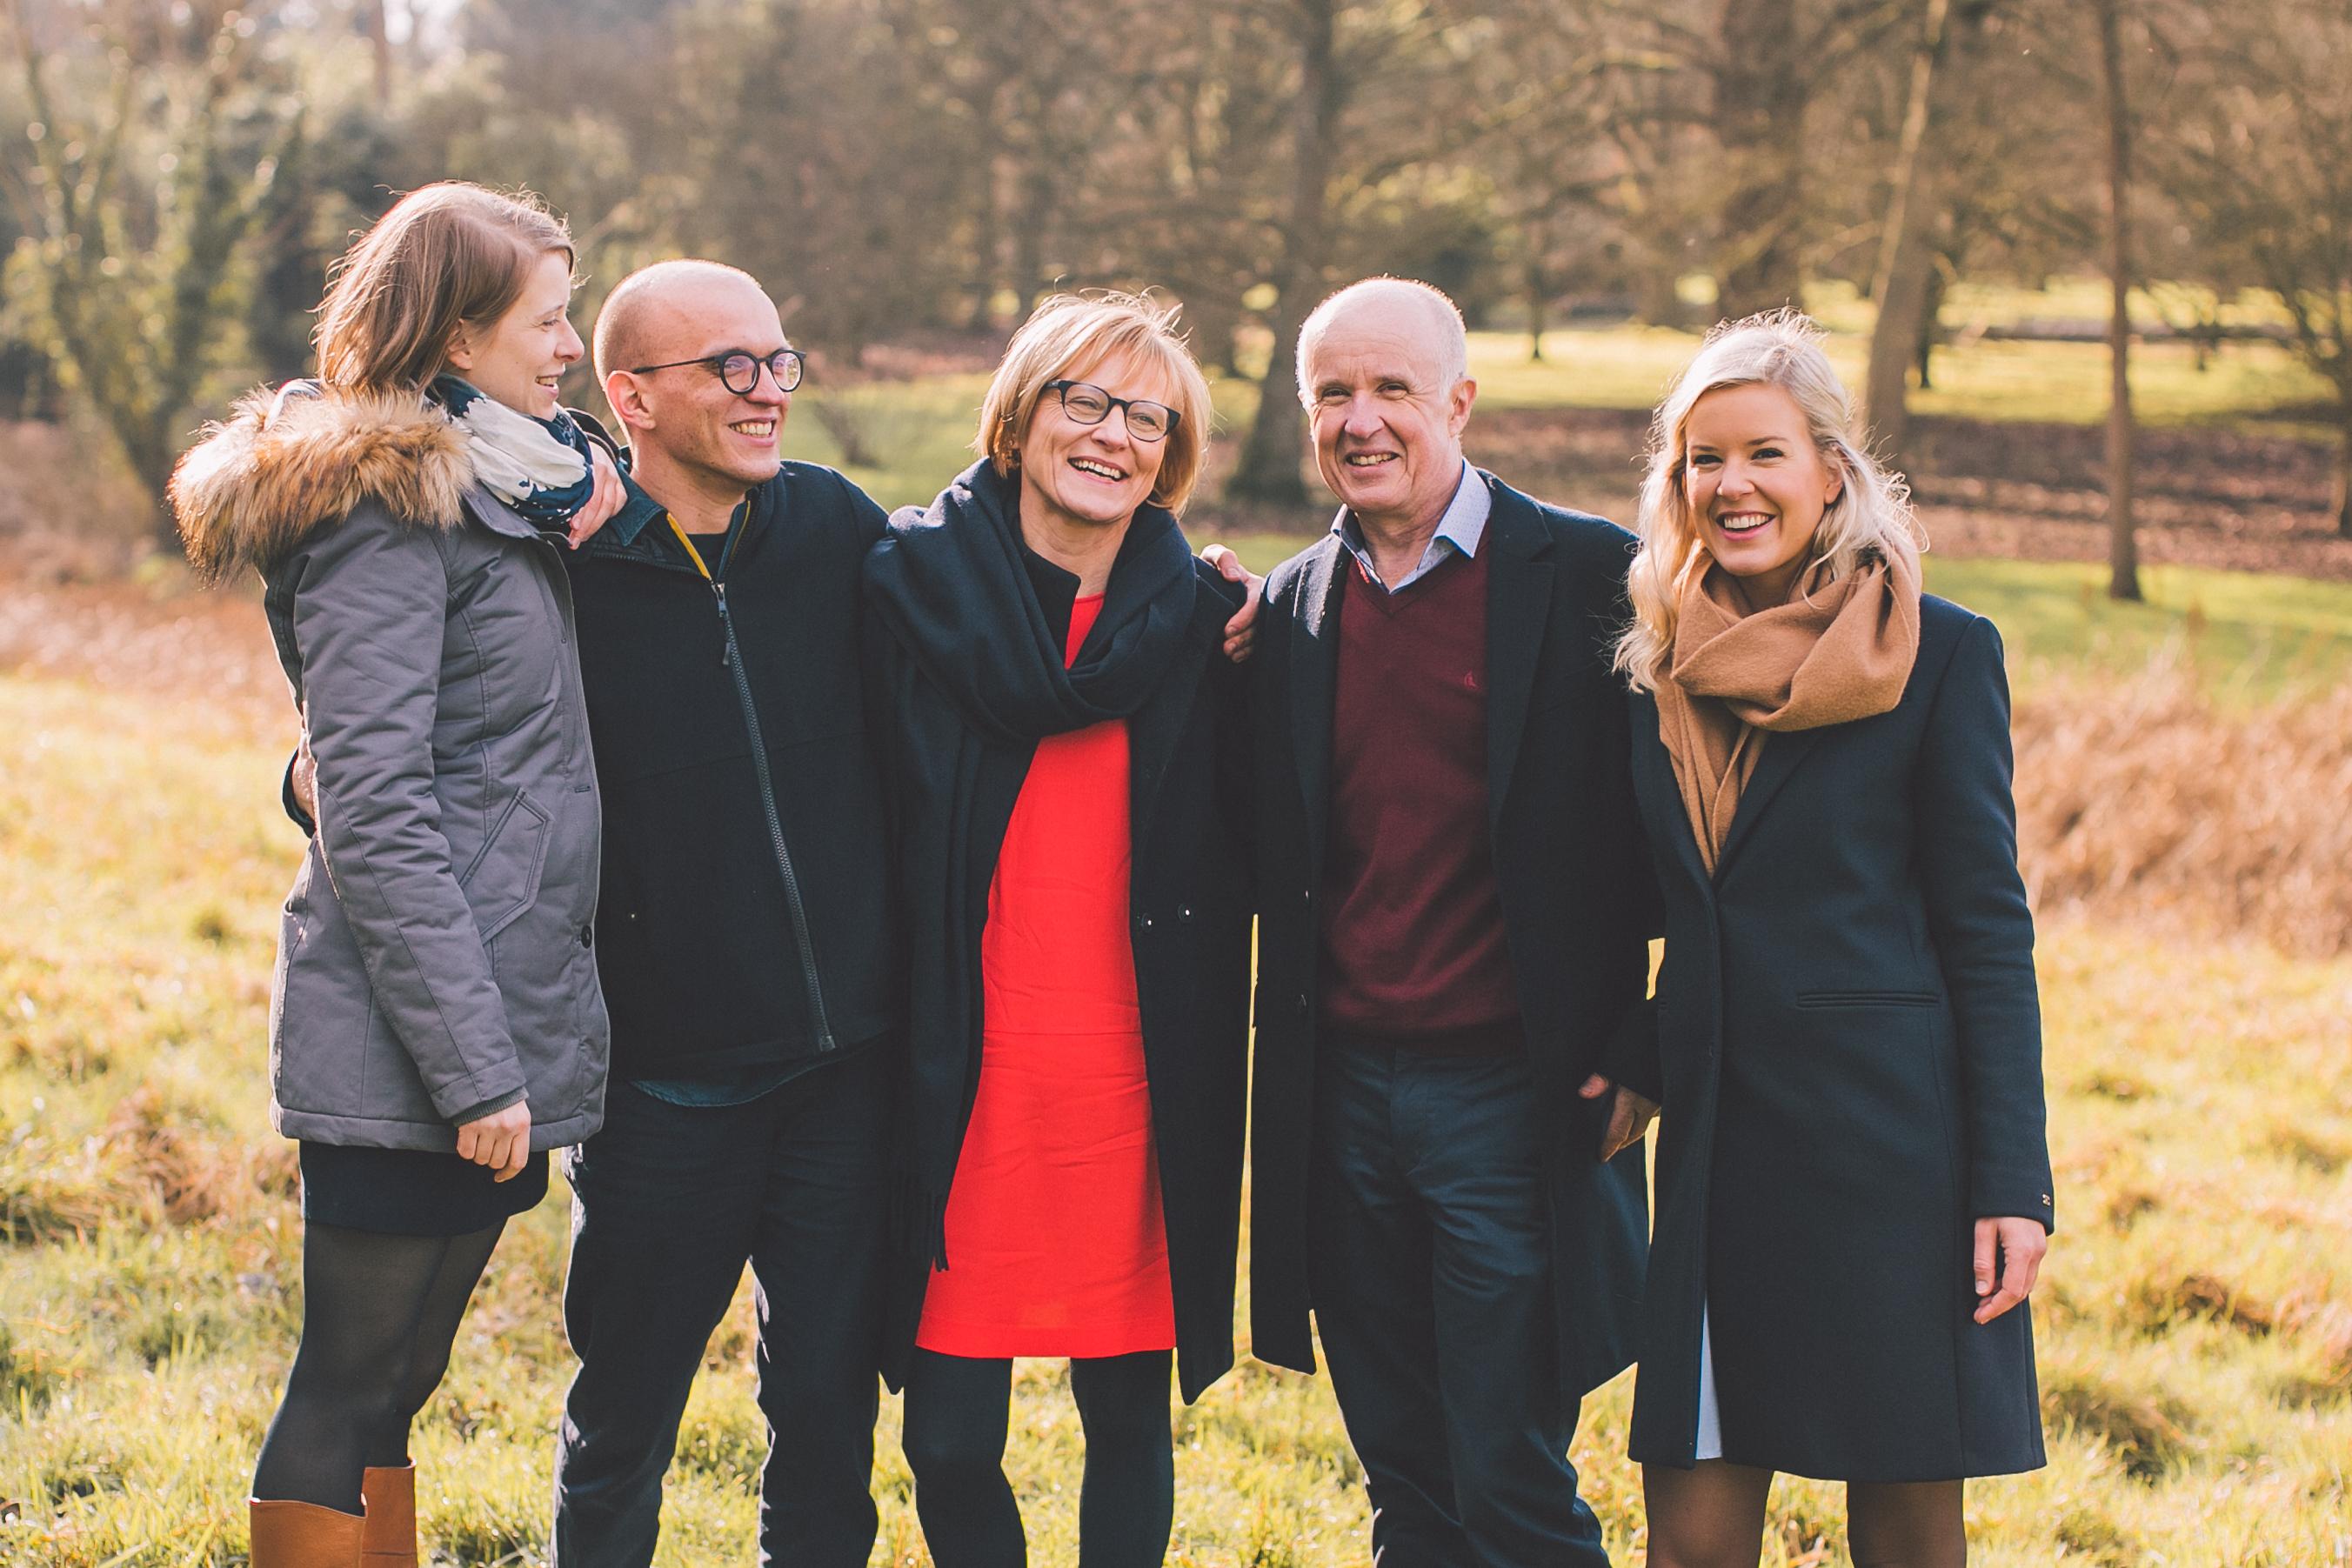 FAMILIE DENTURCK-1295